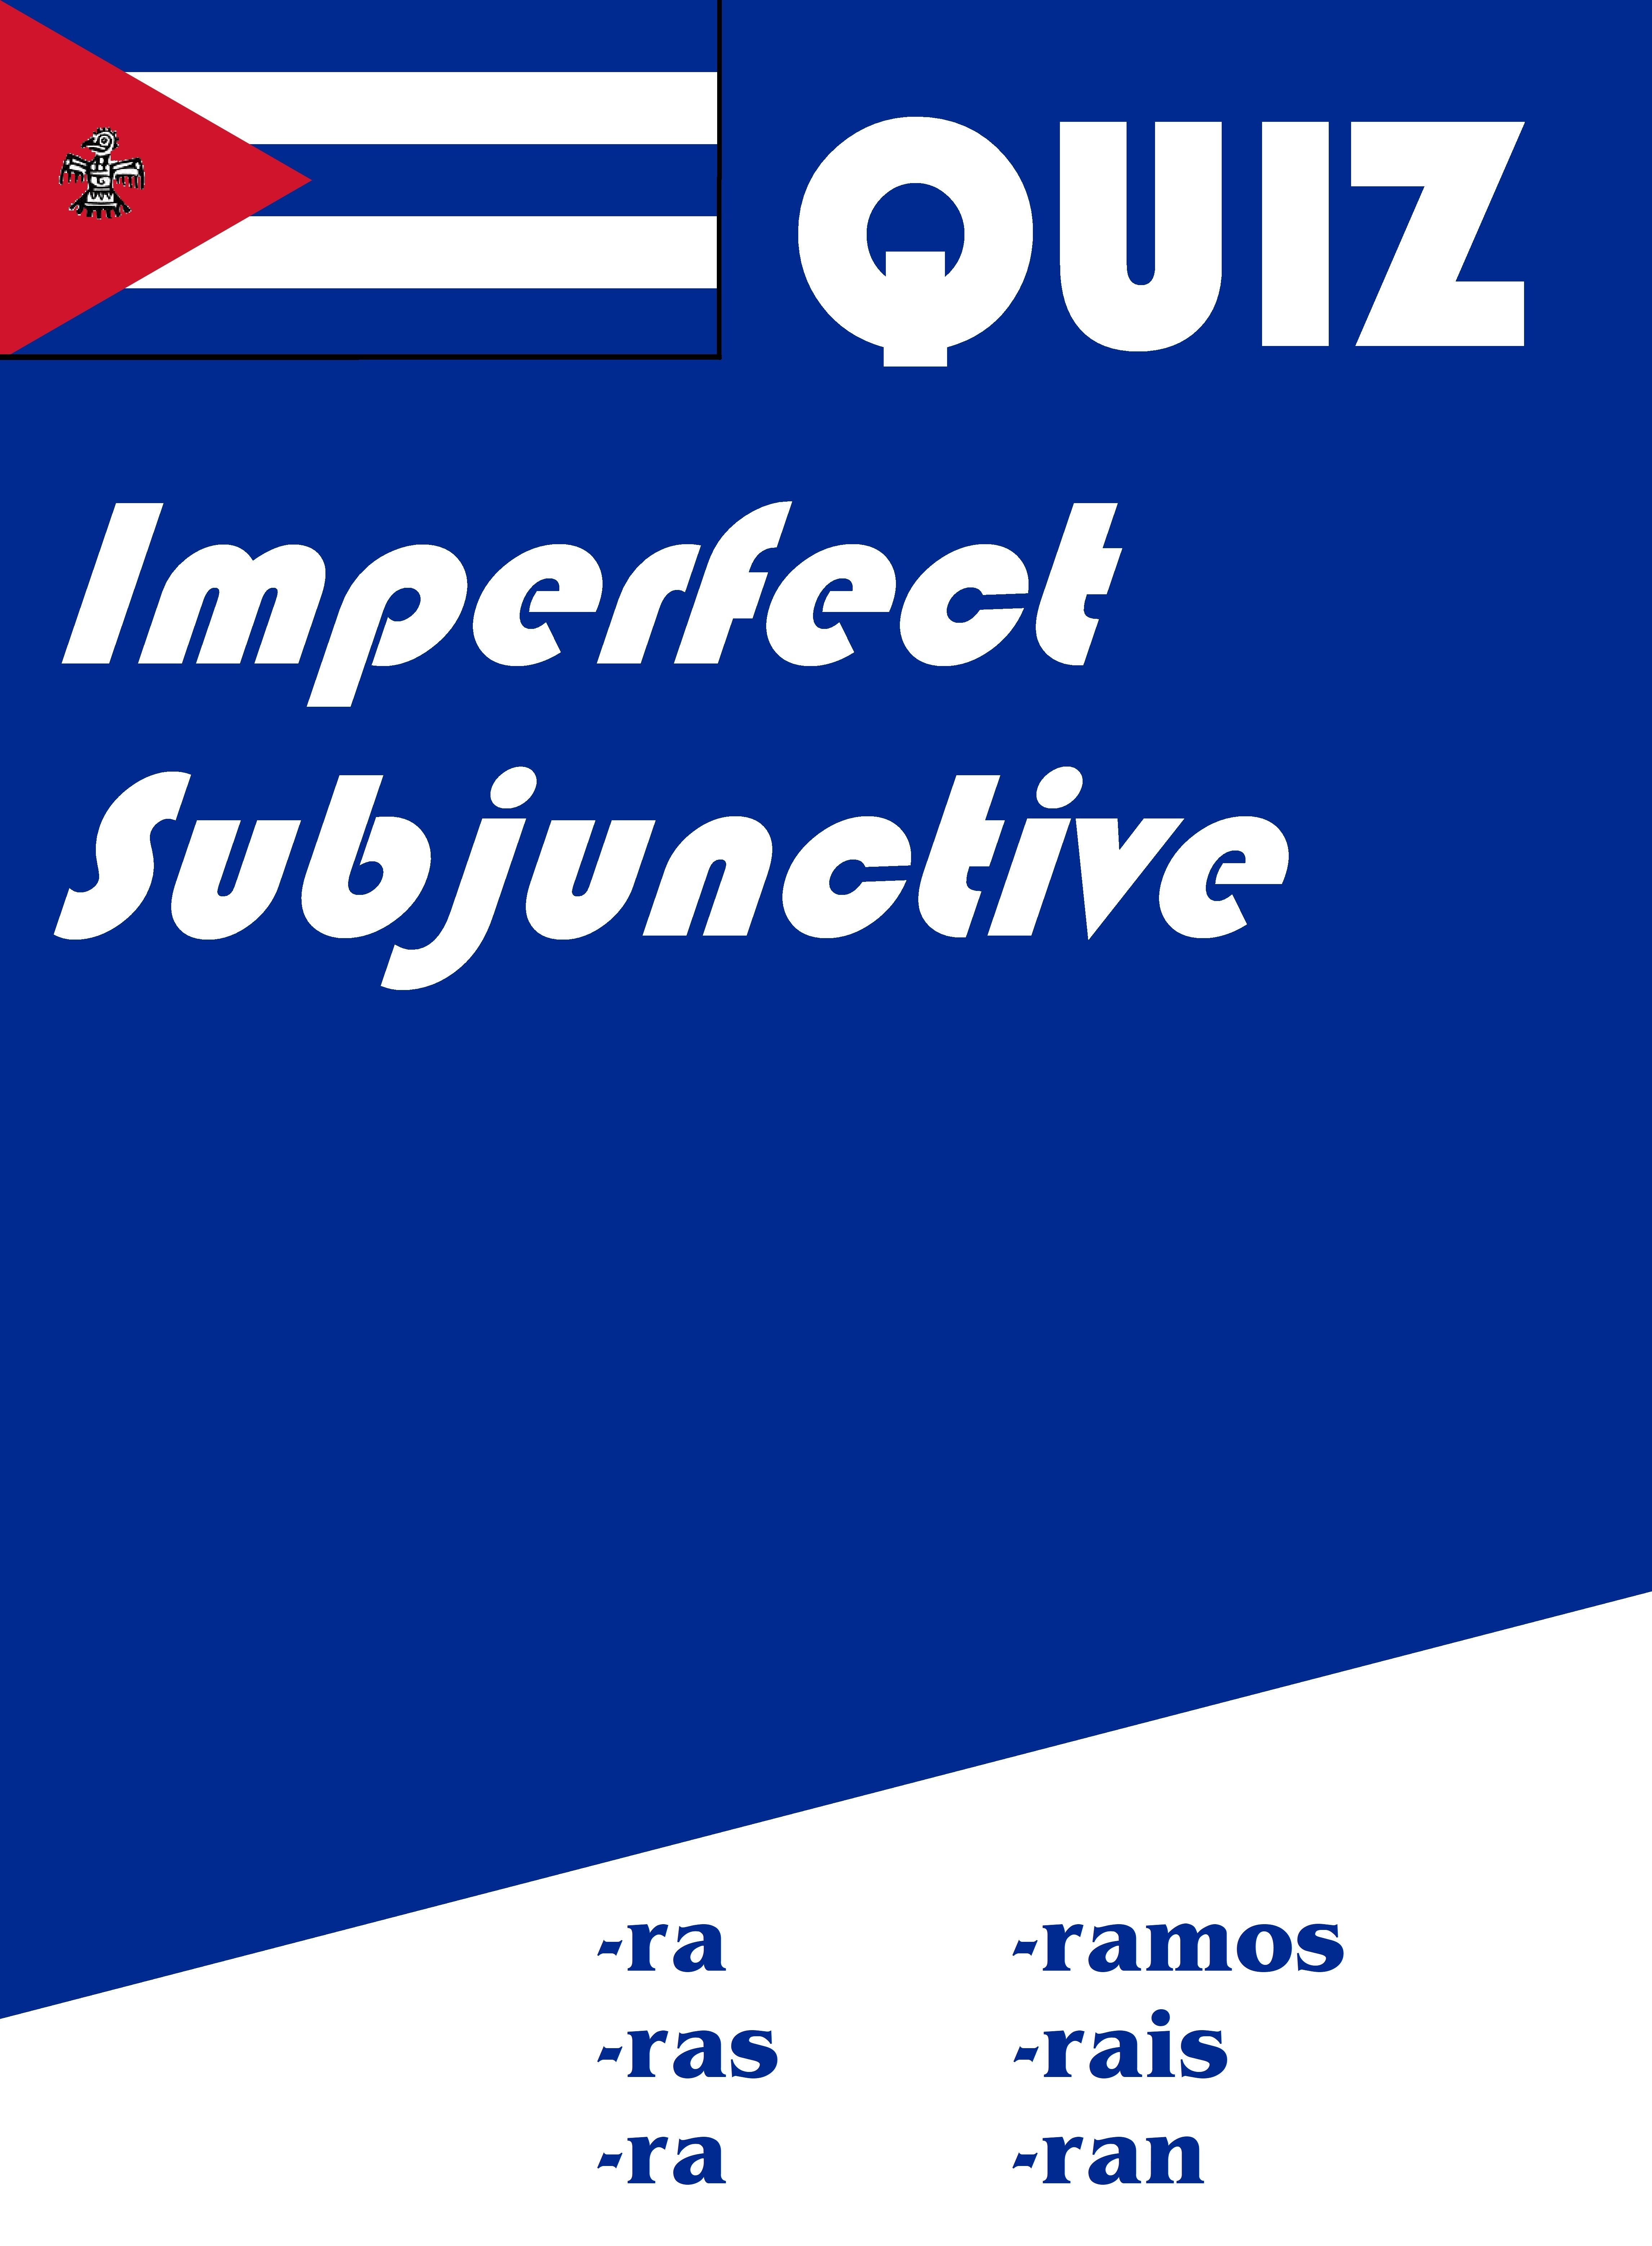 Spanish Imperfect Subjunctive Quiz Or Worksheet In 2020 Spanish Imperfect Subjunctive Imperfect Spanish Imperfect Subjunctive